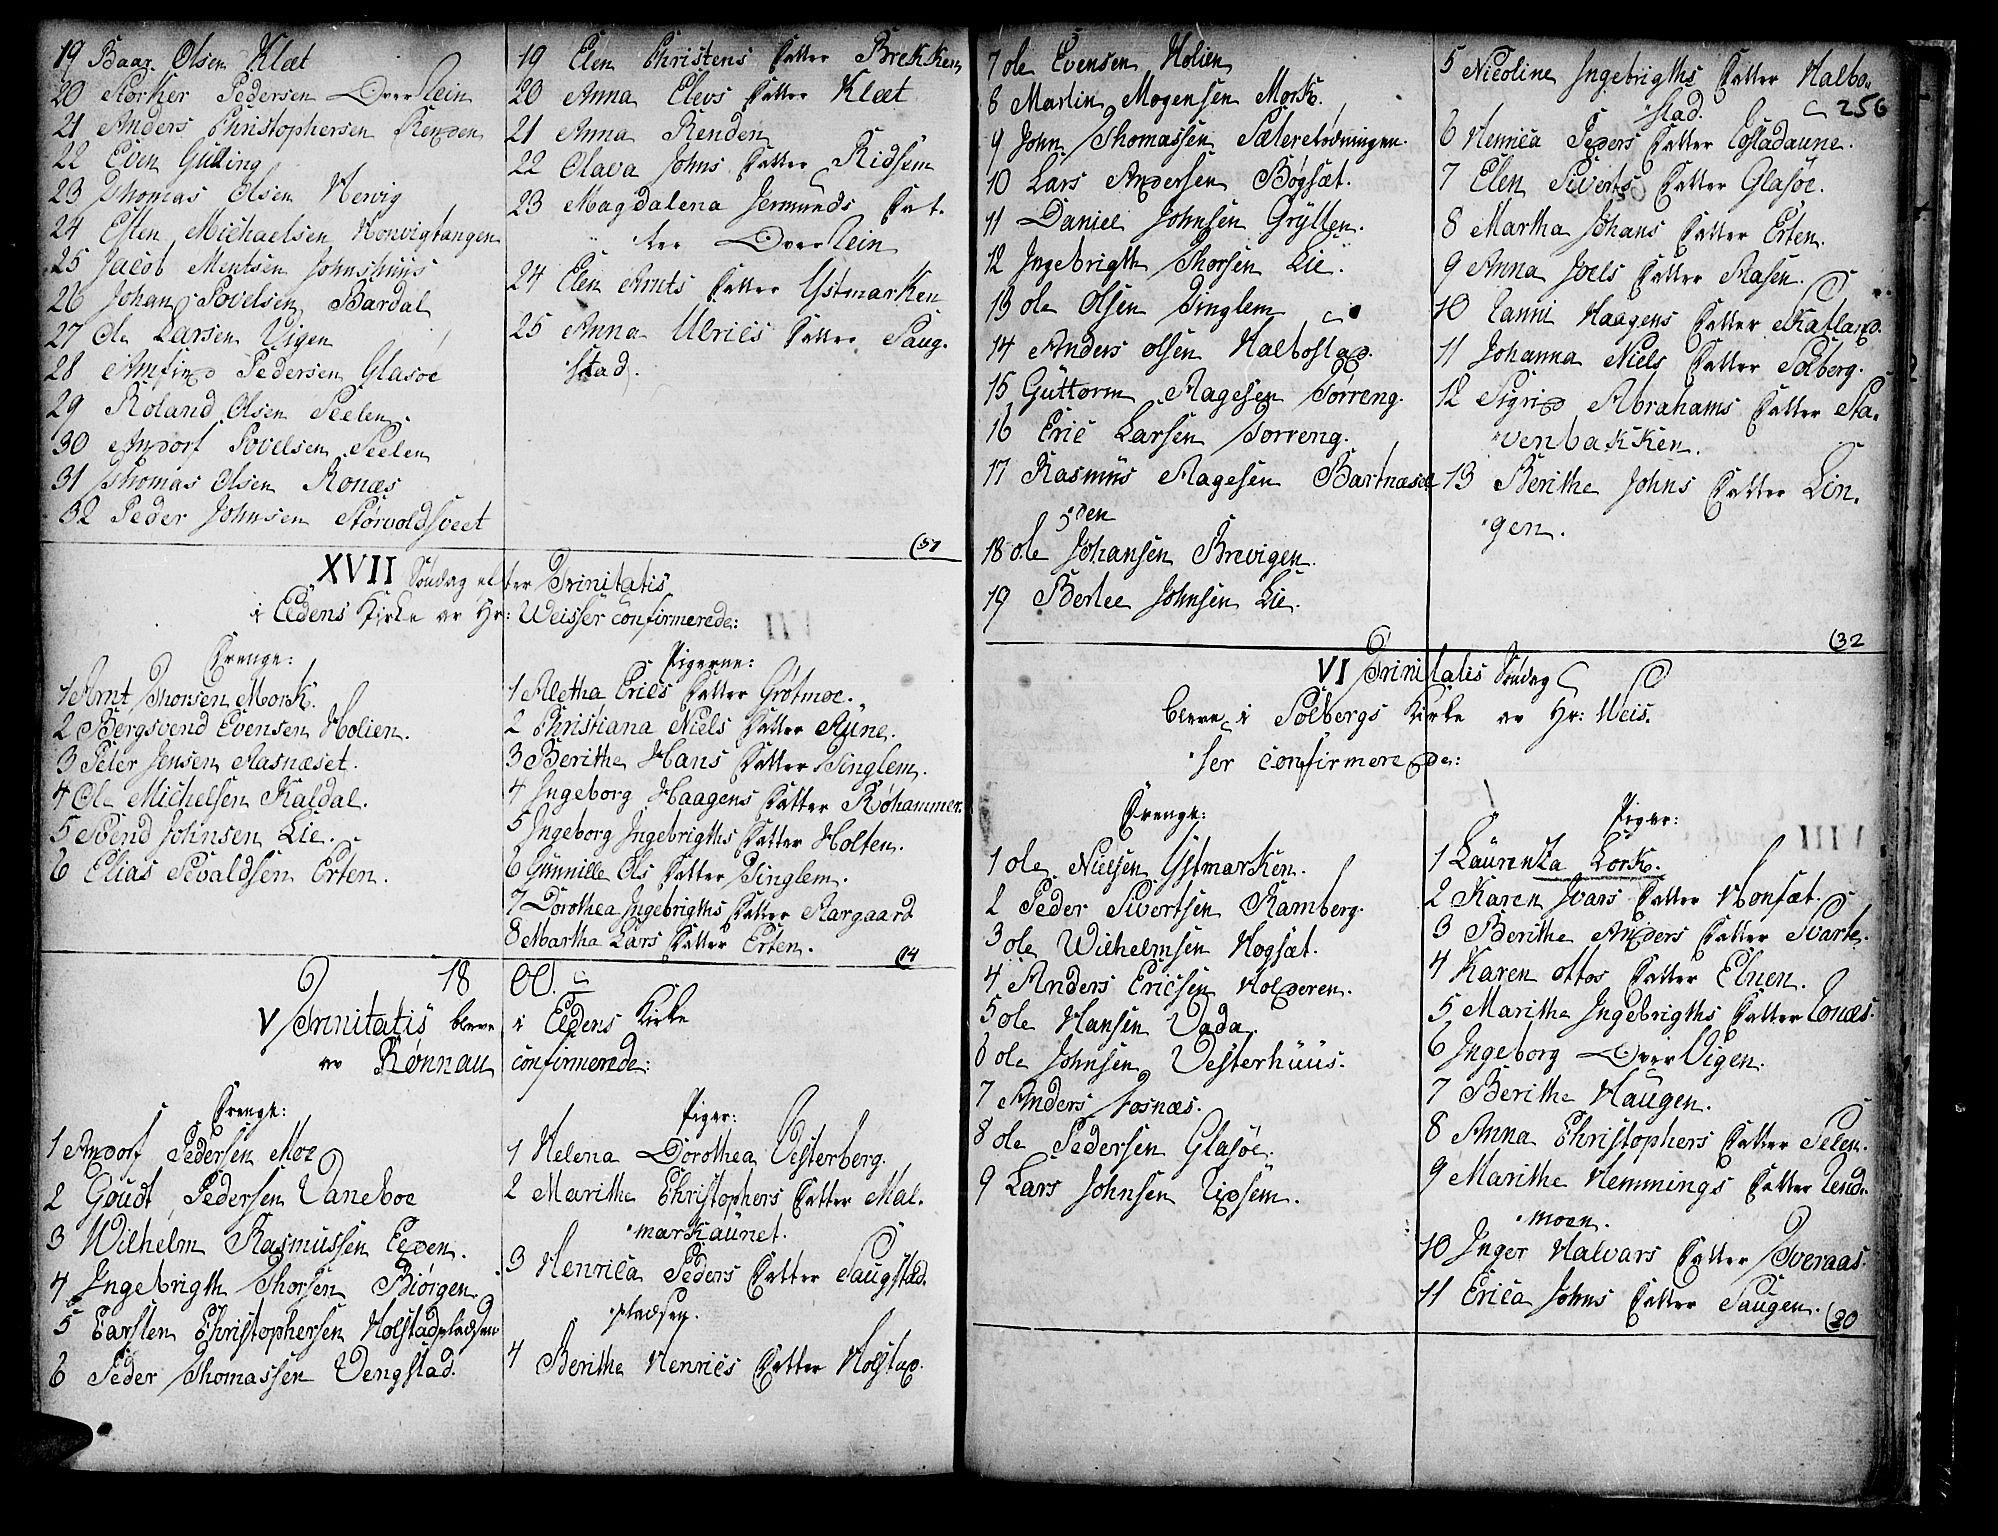 SAT, Ministerialprotokoller, klokkerbøker og fødselsregistre - Nord-Trøndelag, 741/L0385: Ministerialbok nr. 741A01, 1722-1815, s. 256